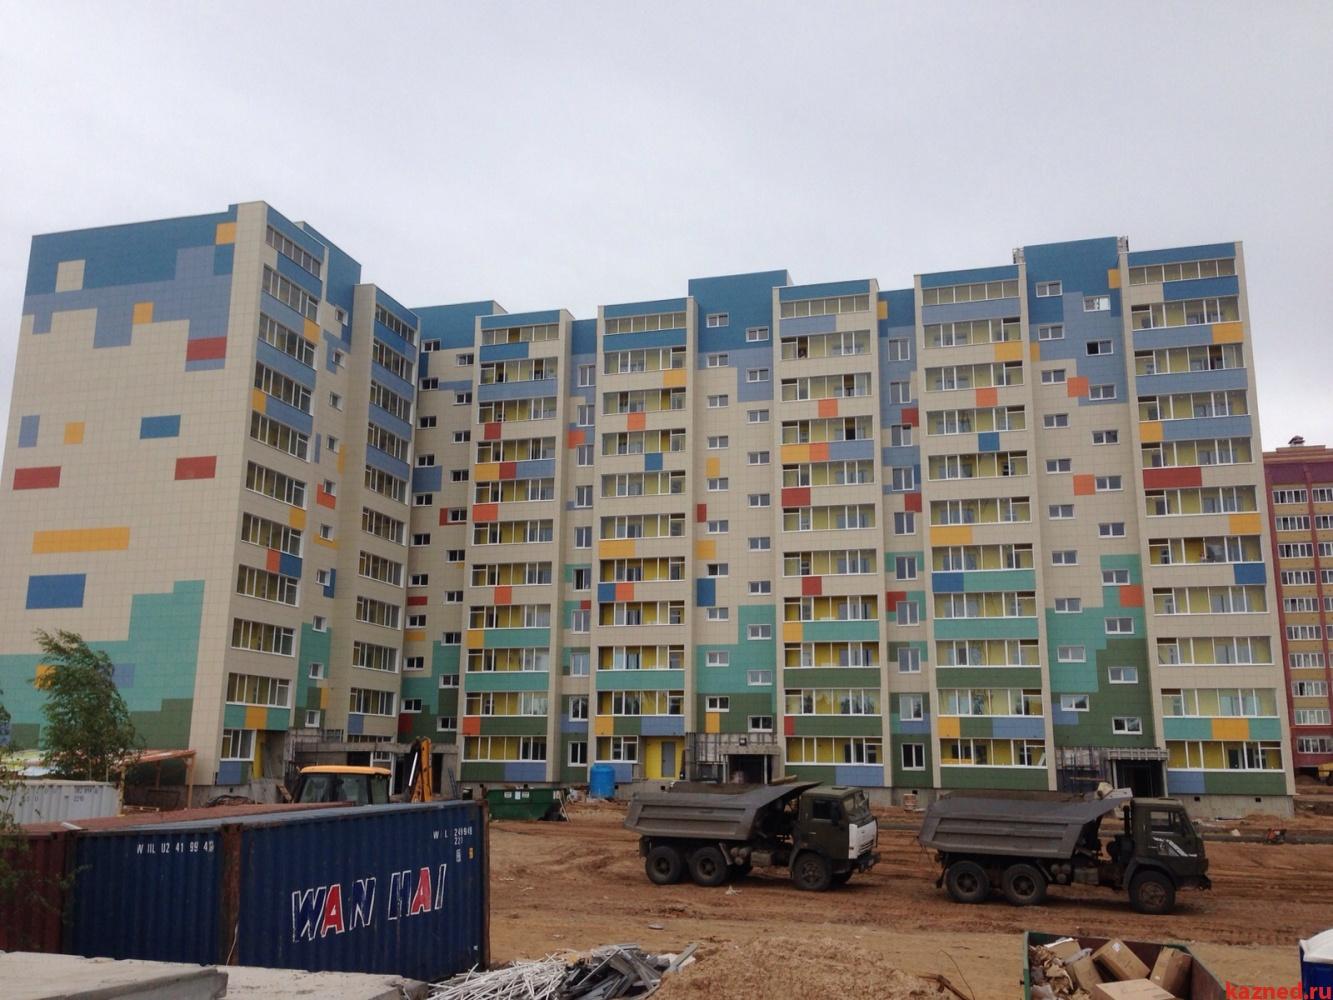 Продажа 1-к квартиры Пр. Строителей 20, 33 м2  (миниатюра №1)